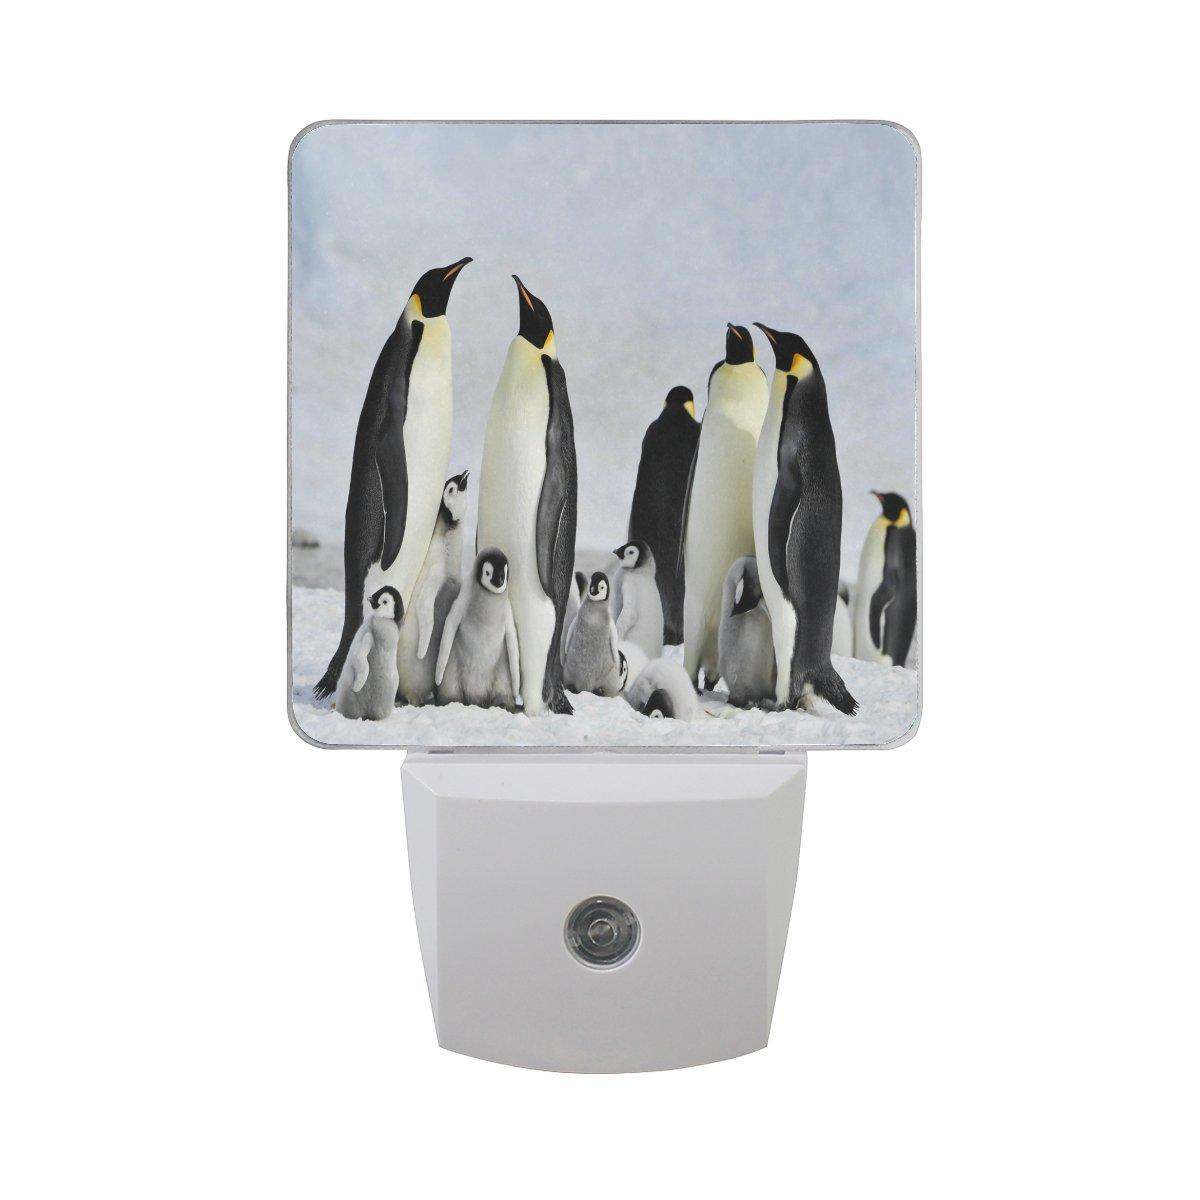 Alazaペンギン冬雪スノーフレークLED Night Light Dusk to Dawnセンサープラグin Night Home Decorデスクランプfor Adult B07BHMHP4F 13554